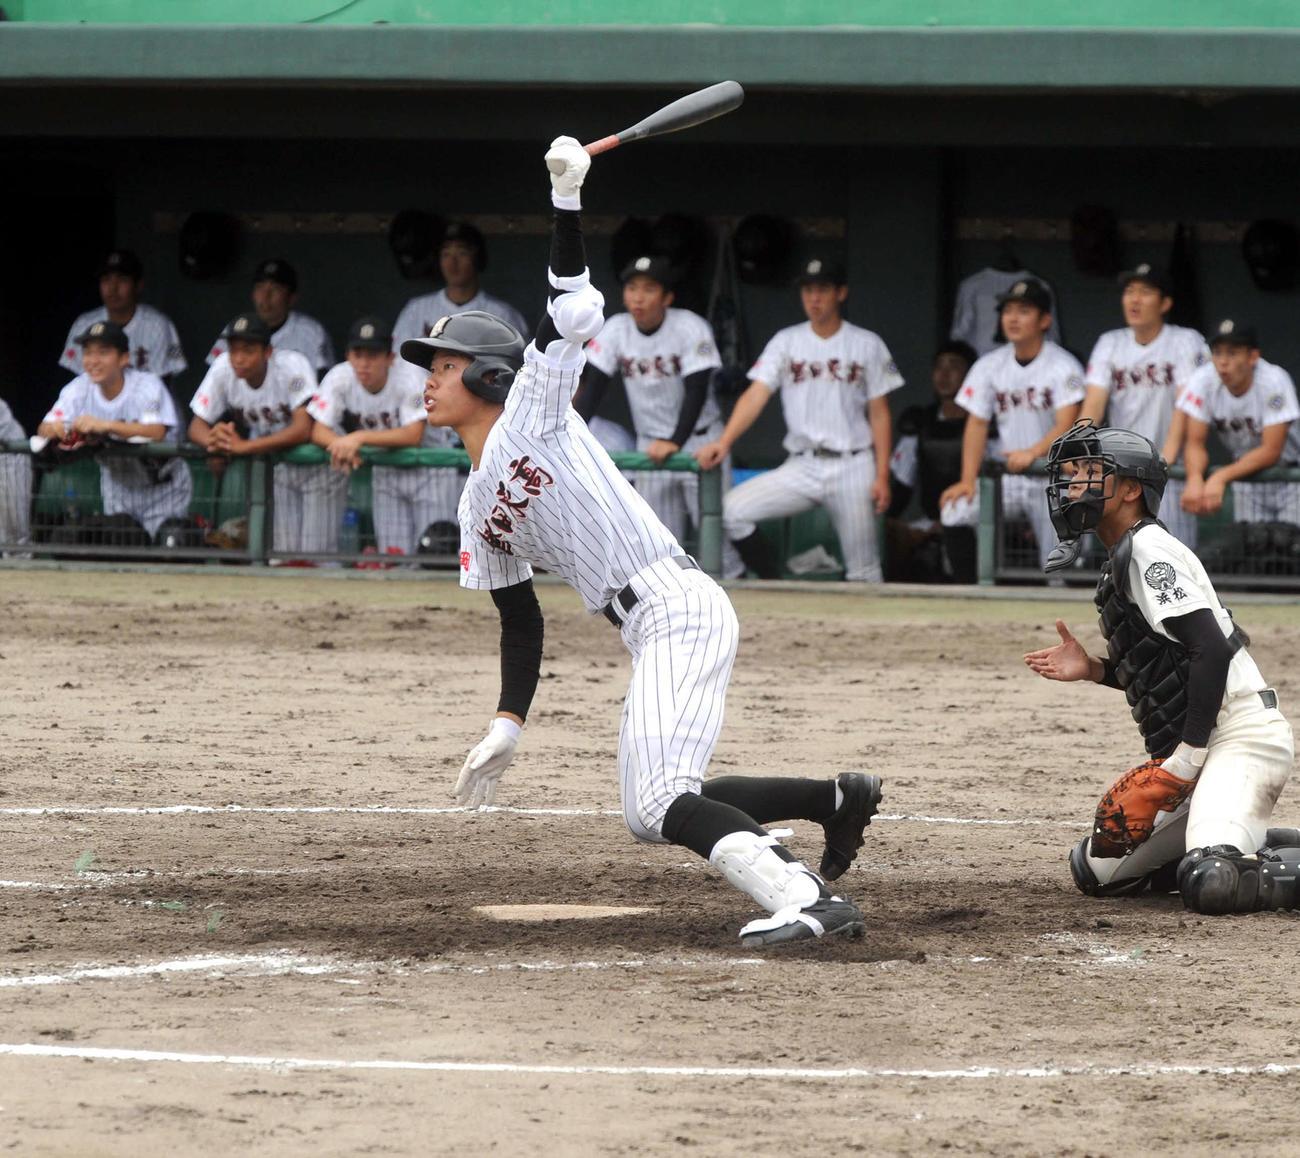 プロ注目の磐田東・二俣、9球団前でフル稼働/静岡 - 高校野球夏の ...